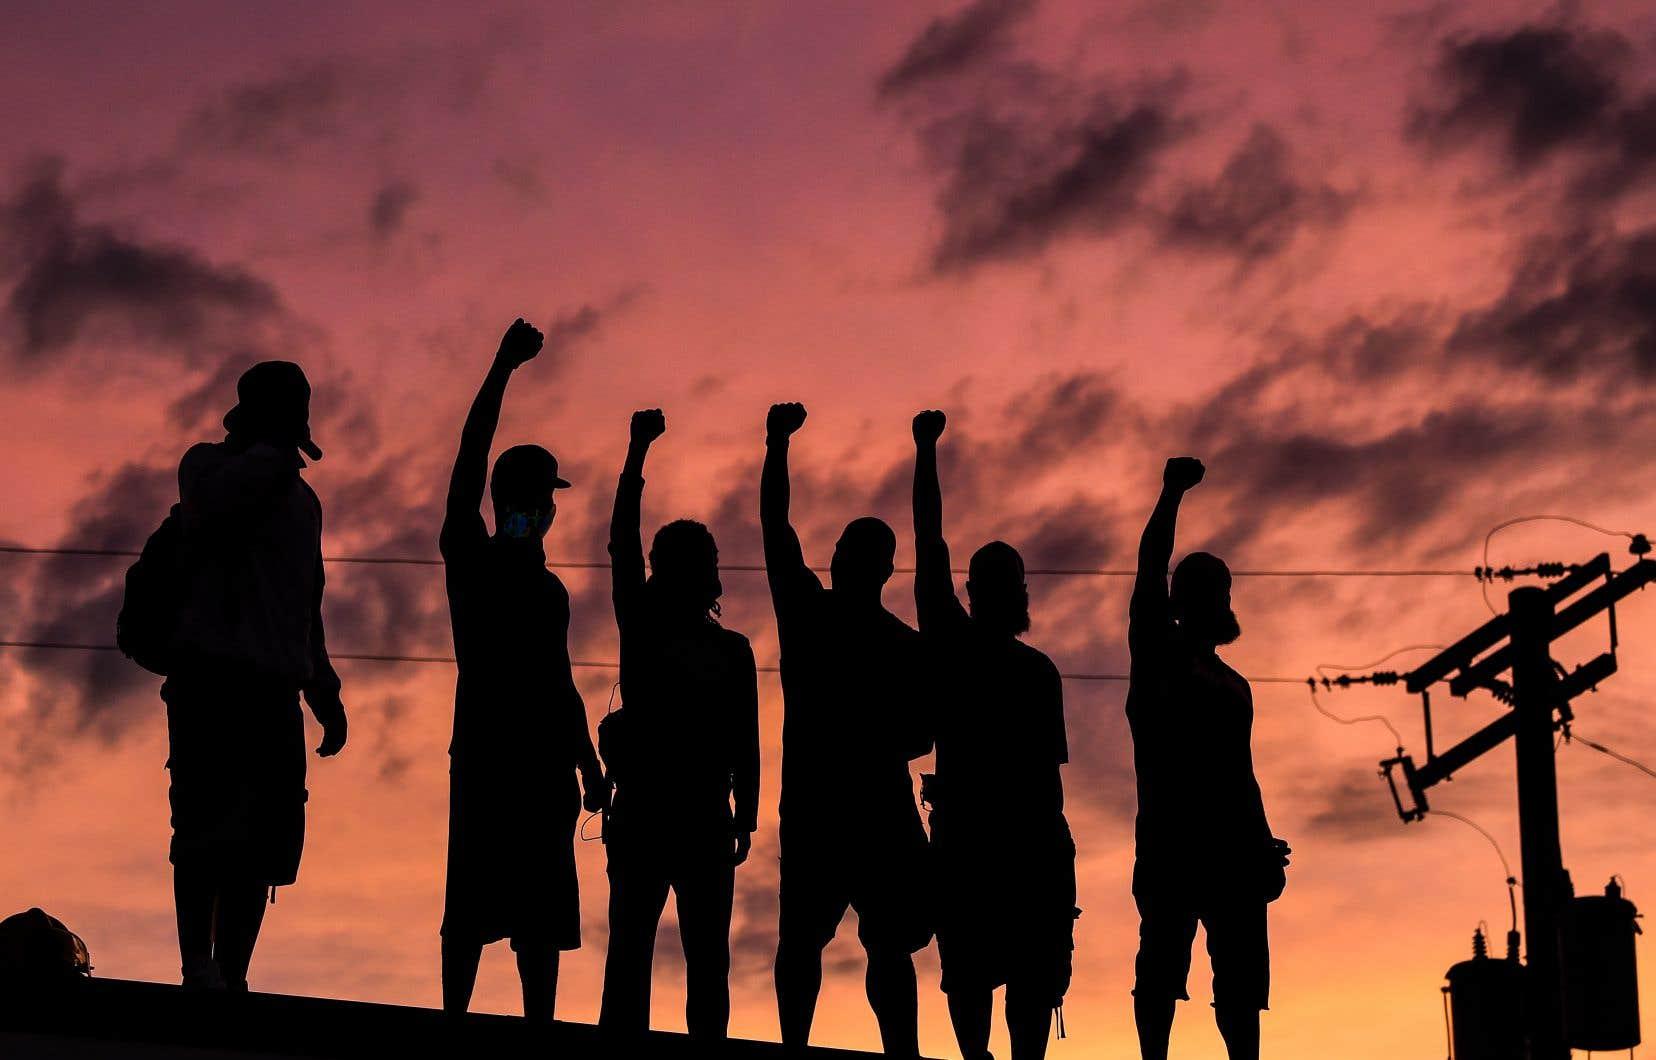 <p>Des manifestants ont fait fi des couvre-feux jusque tard dans la nuit, avec toutefois moins de pillages et de violence signalés que les nuits précédentes.</p>